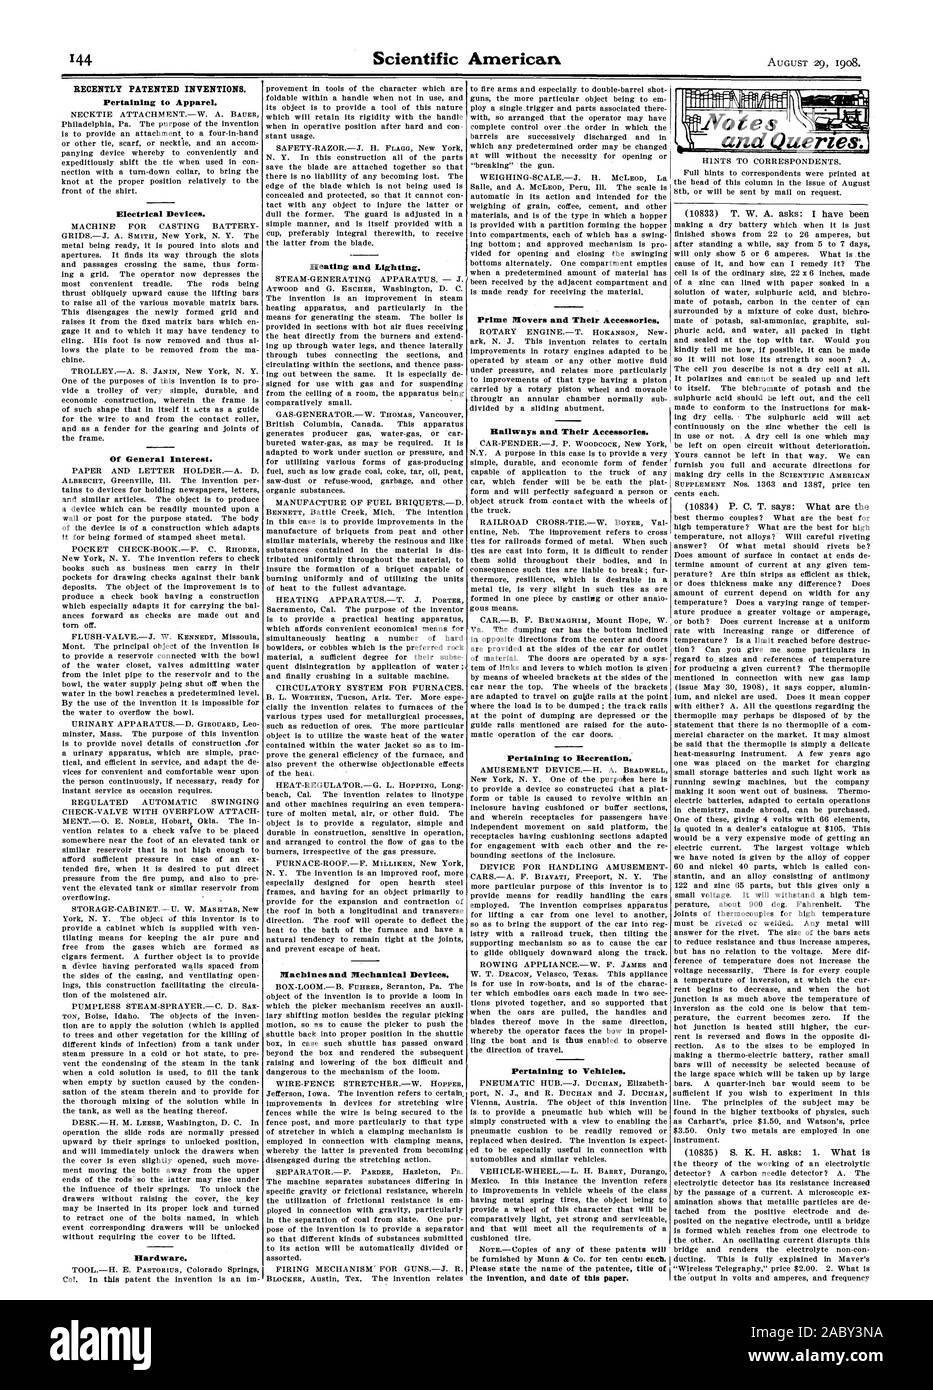 Recientemente, las invenciones patentadas. Relativas a las prendas de vestir. Dispositivos eléctricos. De interés general. Hardware. La calefacción y el alumbrado. Máquinas y dispositivos mecánicos. Inspiradores y sus accesorios. Ferrocarriles y sus accesorios. Perteneciente a la recreación. Los vehículos pertenecientes a la invención y la fecha de este documento. :: . AL: 1 y consultas (10830) T. W. A. pregunta: he sido, Scientific American, 1908-08-11 Foto de stock